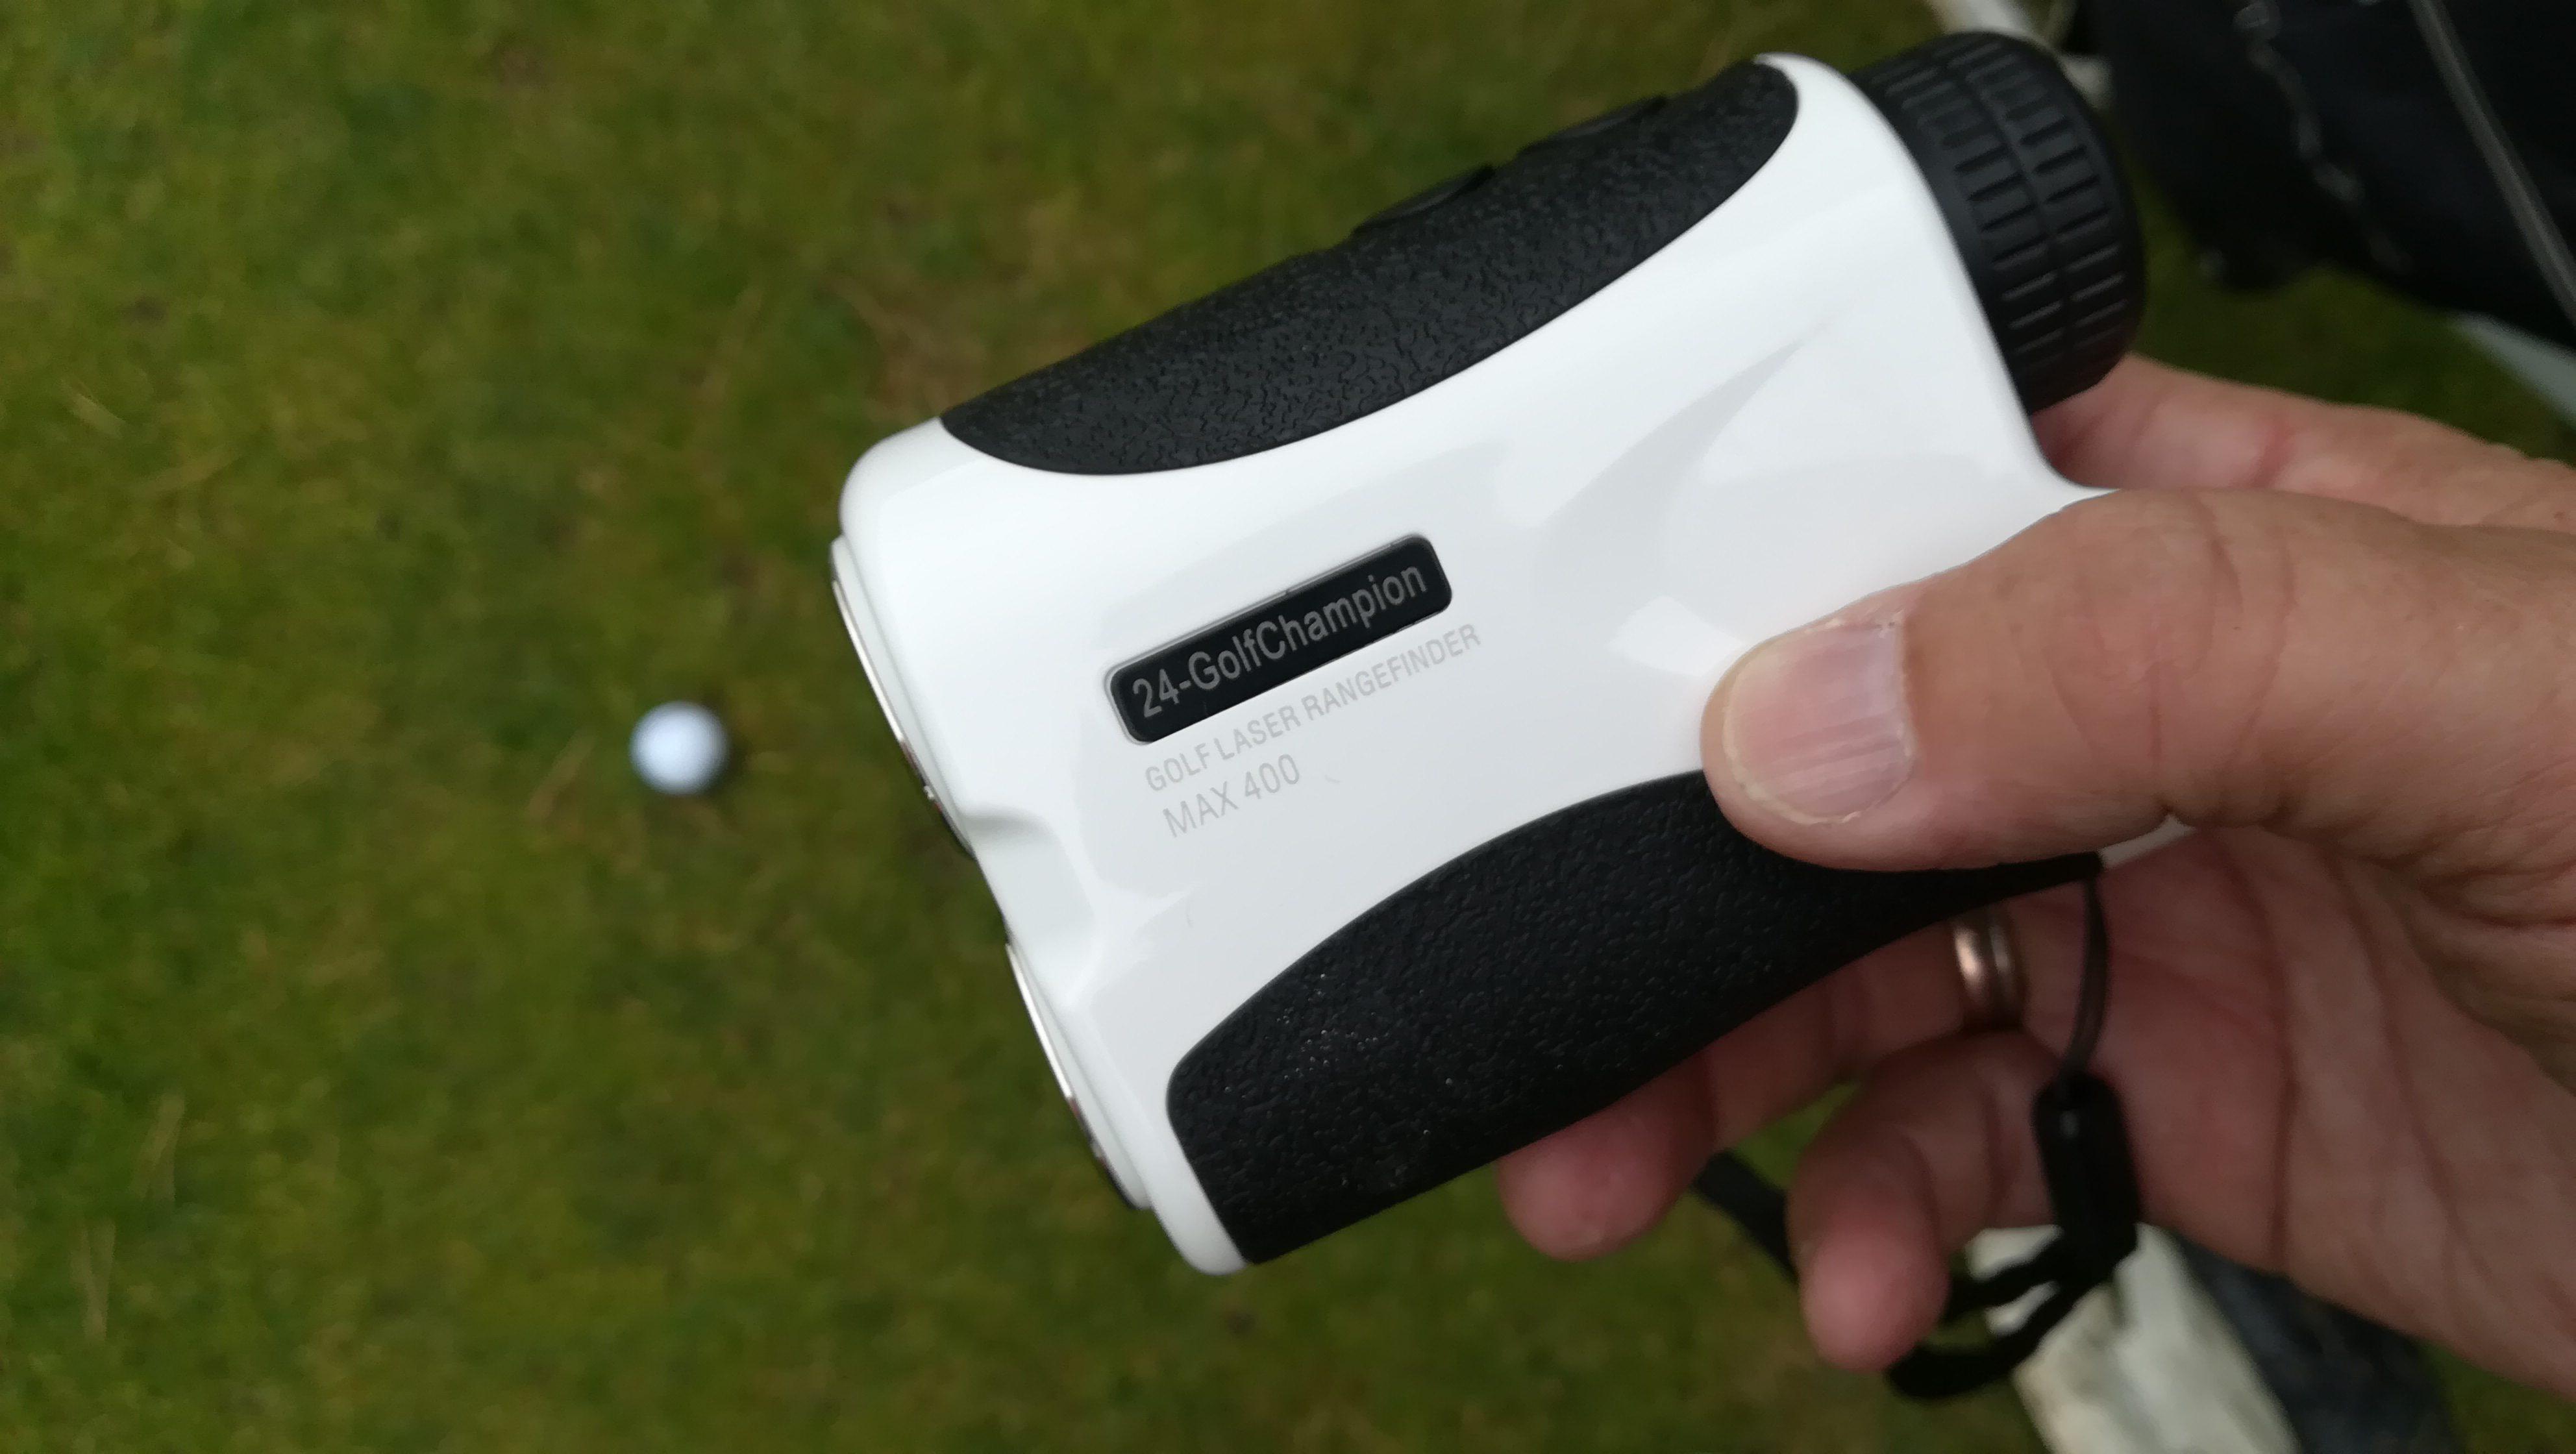 Gps Entfernungsmesser Golf Test : Im test golf laser rangefinder heidegolfer